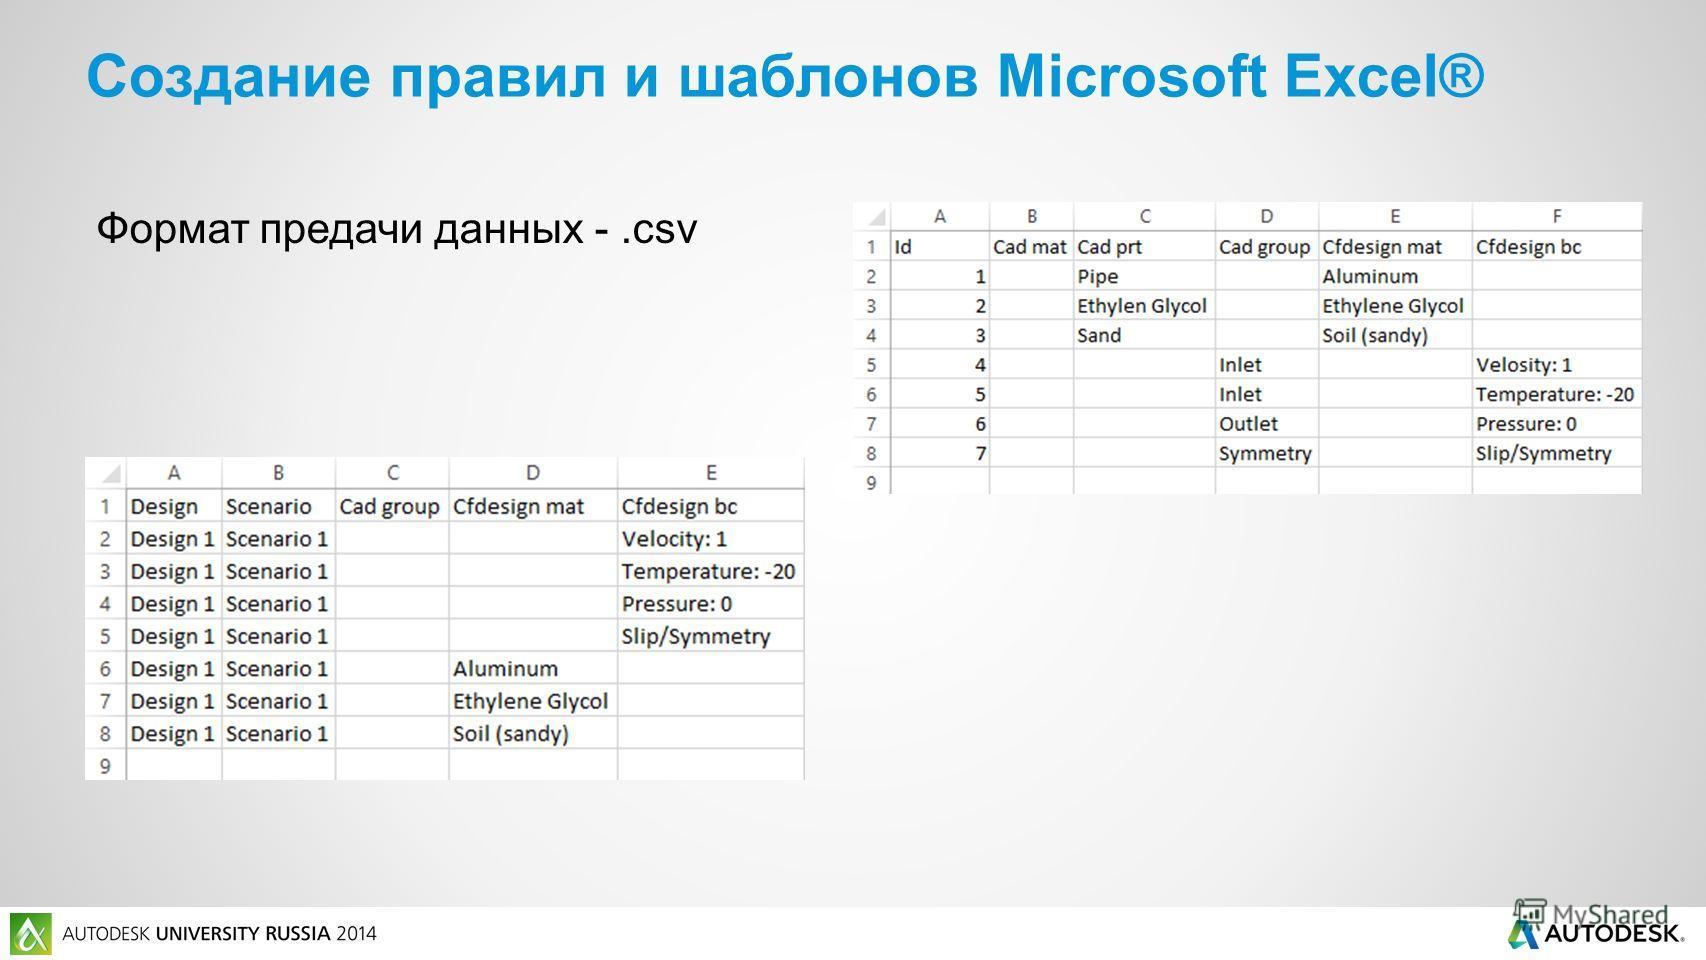 Формат предачи данных -.csv Создание правил и шаблонов Microsoft Excel®